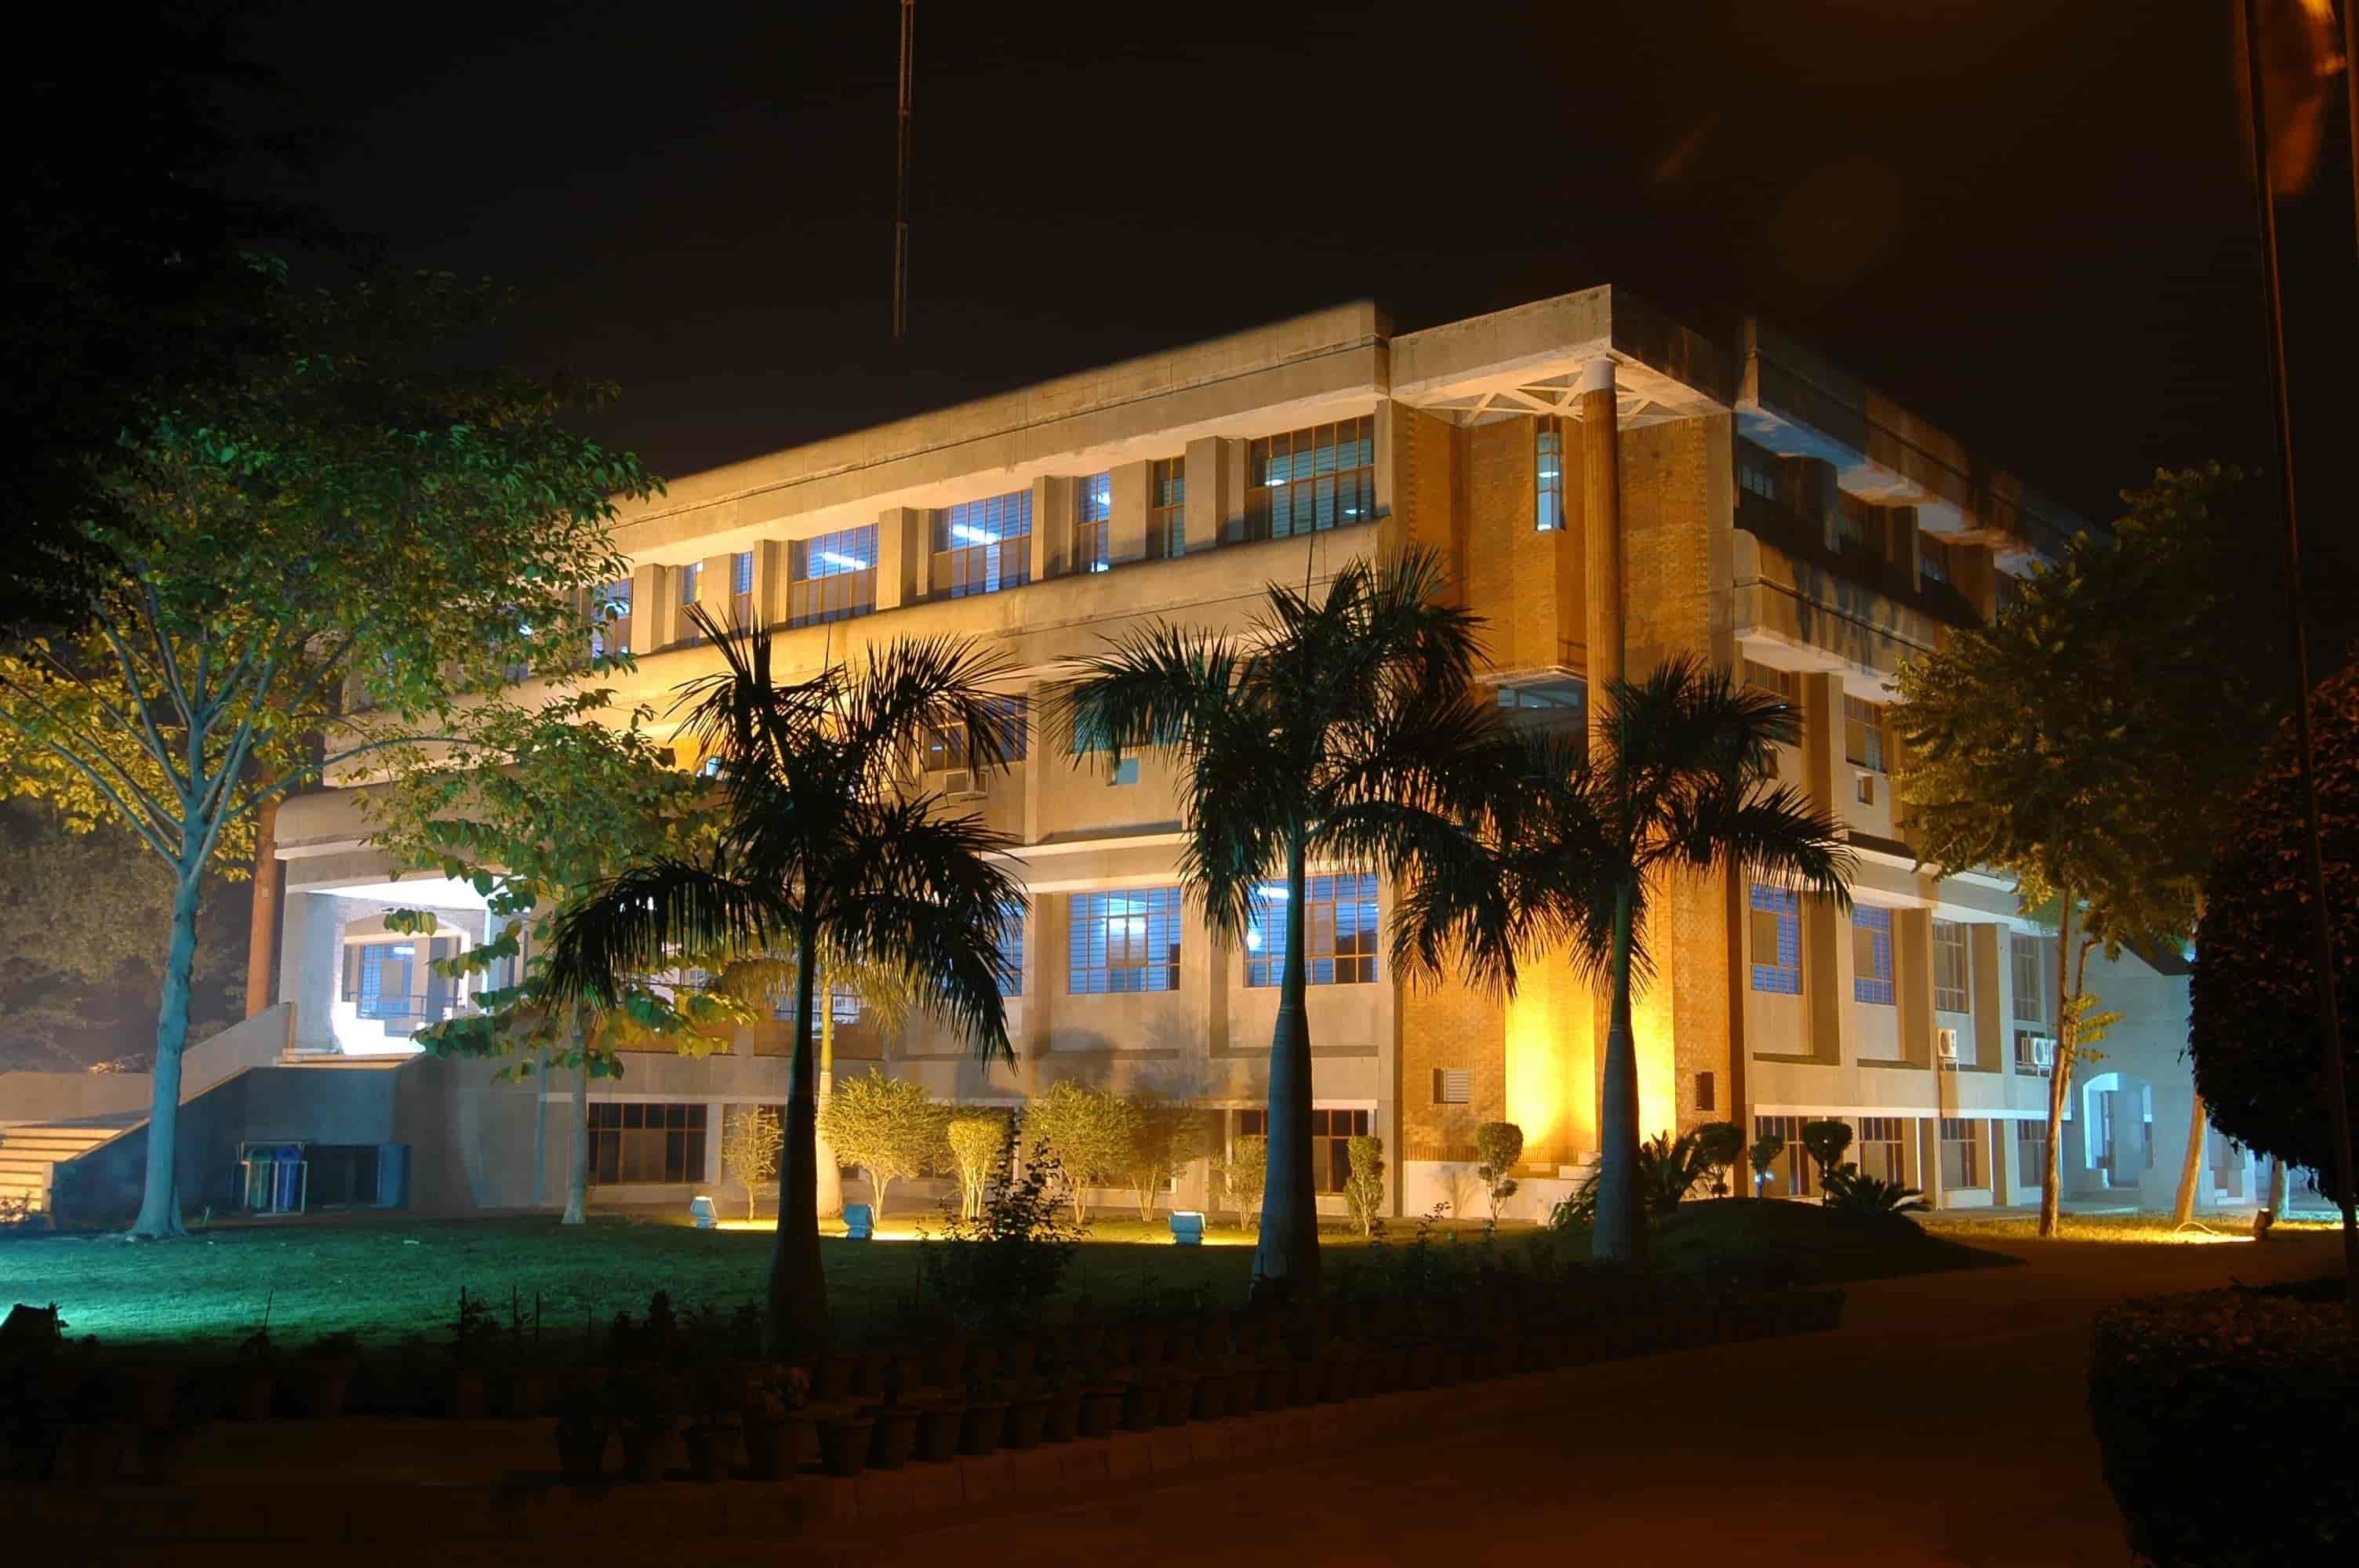 Ajay Kumar Garg Engineering College, Ghaziabad